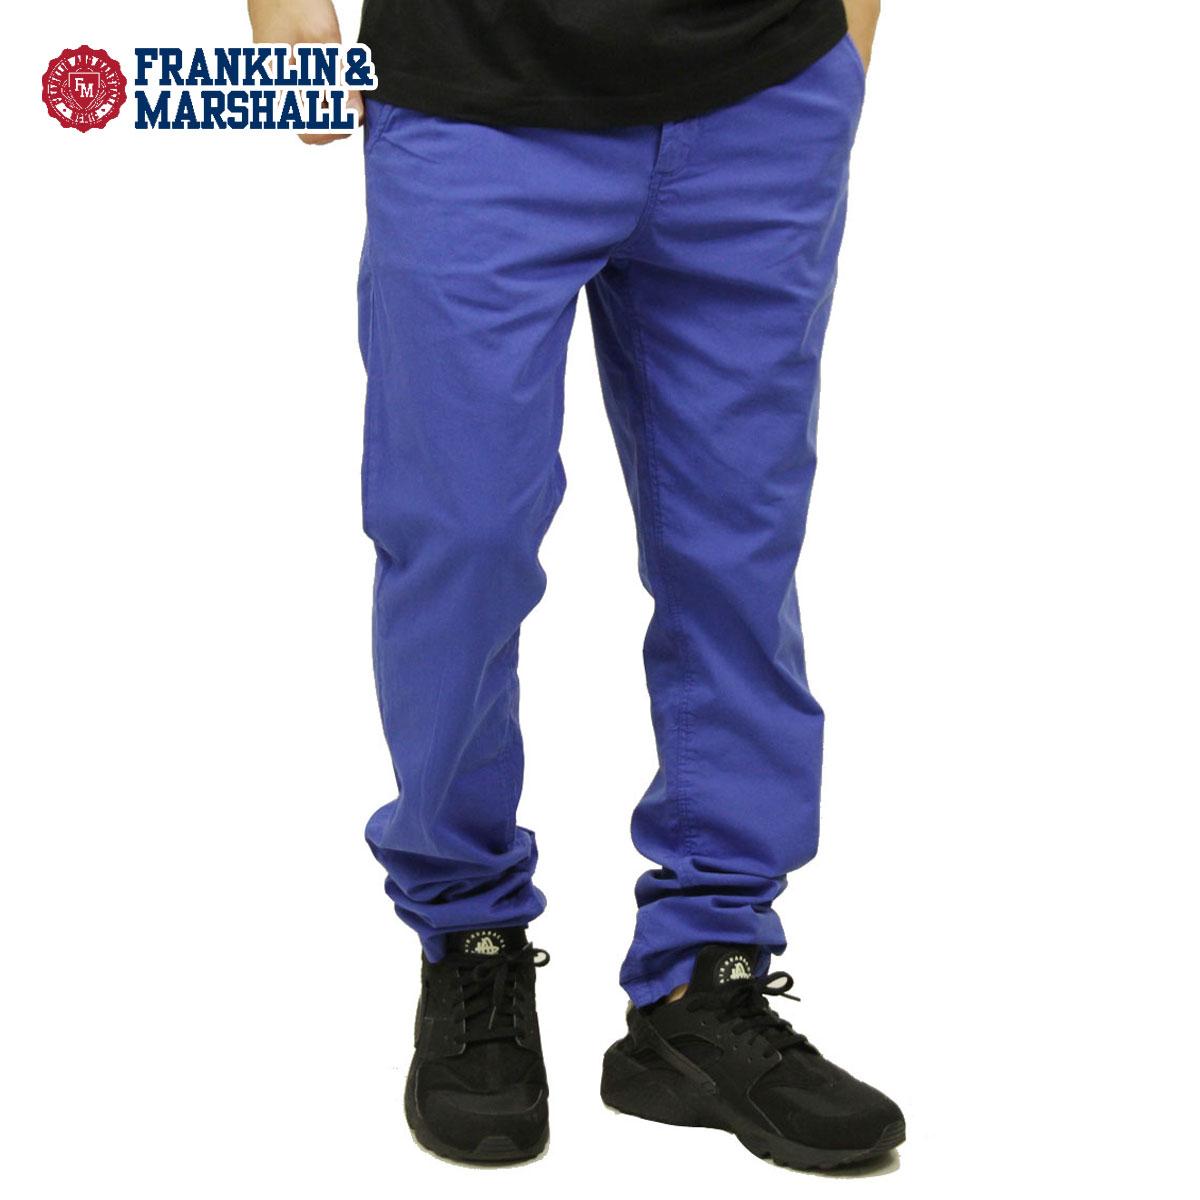 フランクリン マーシャル FRANKLIN&MARSHALL 正規販売店 メンズ チノパン フランクリン マーシャル CHINO PANTS PAMCA419 D00S20